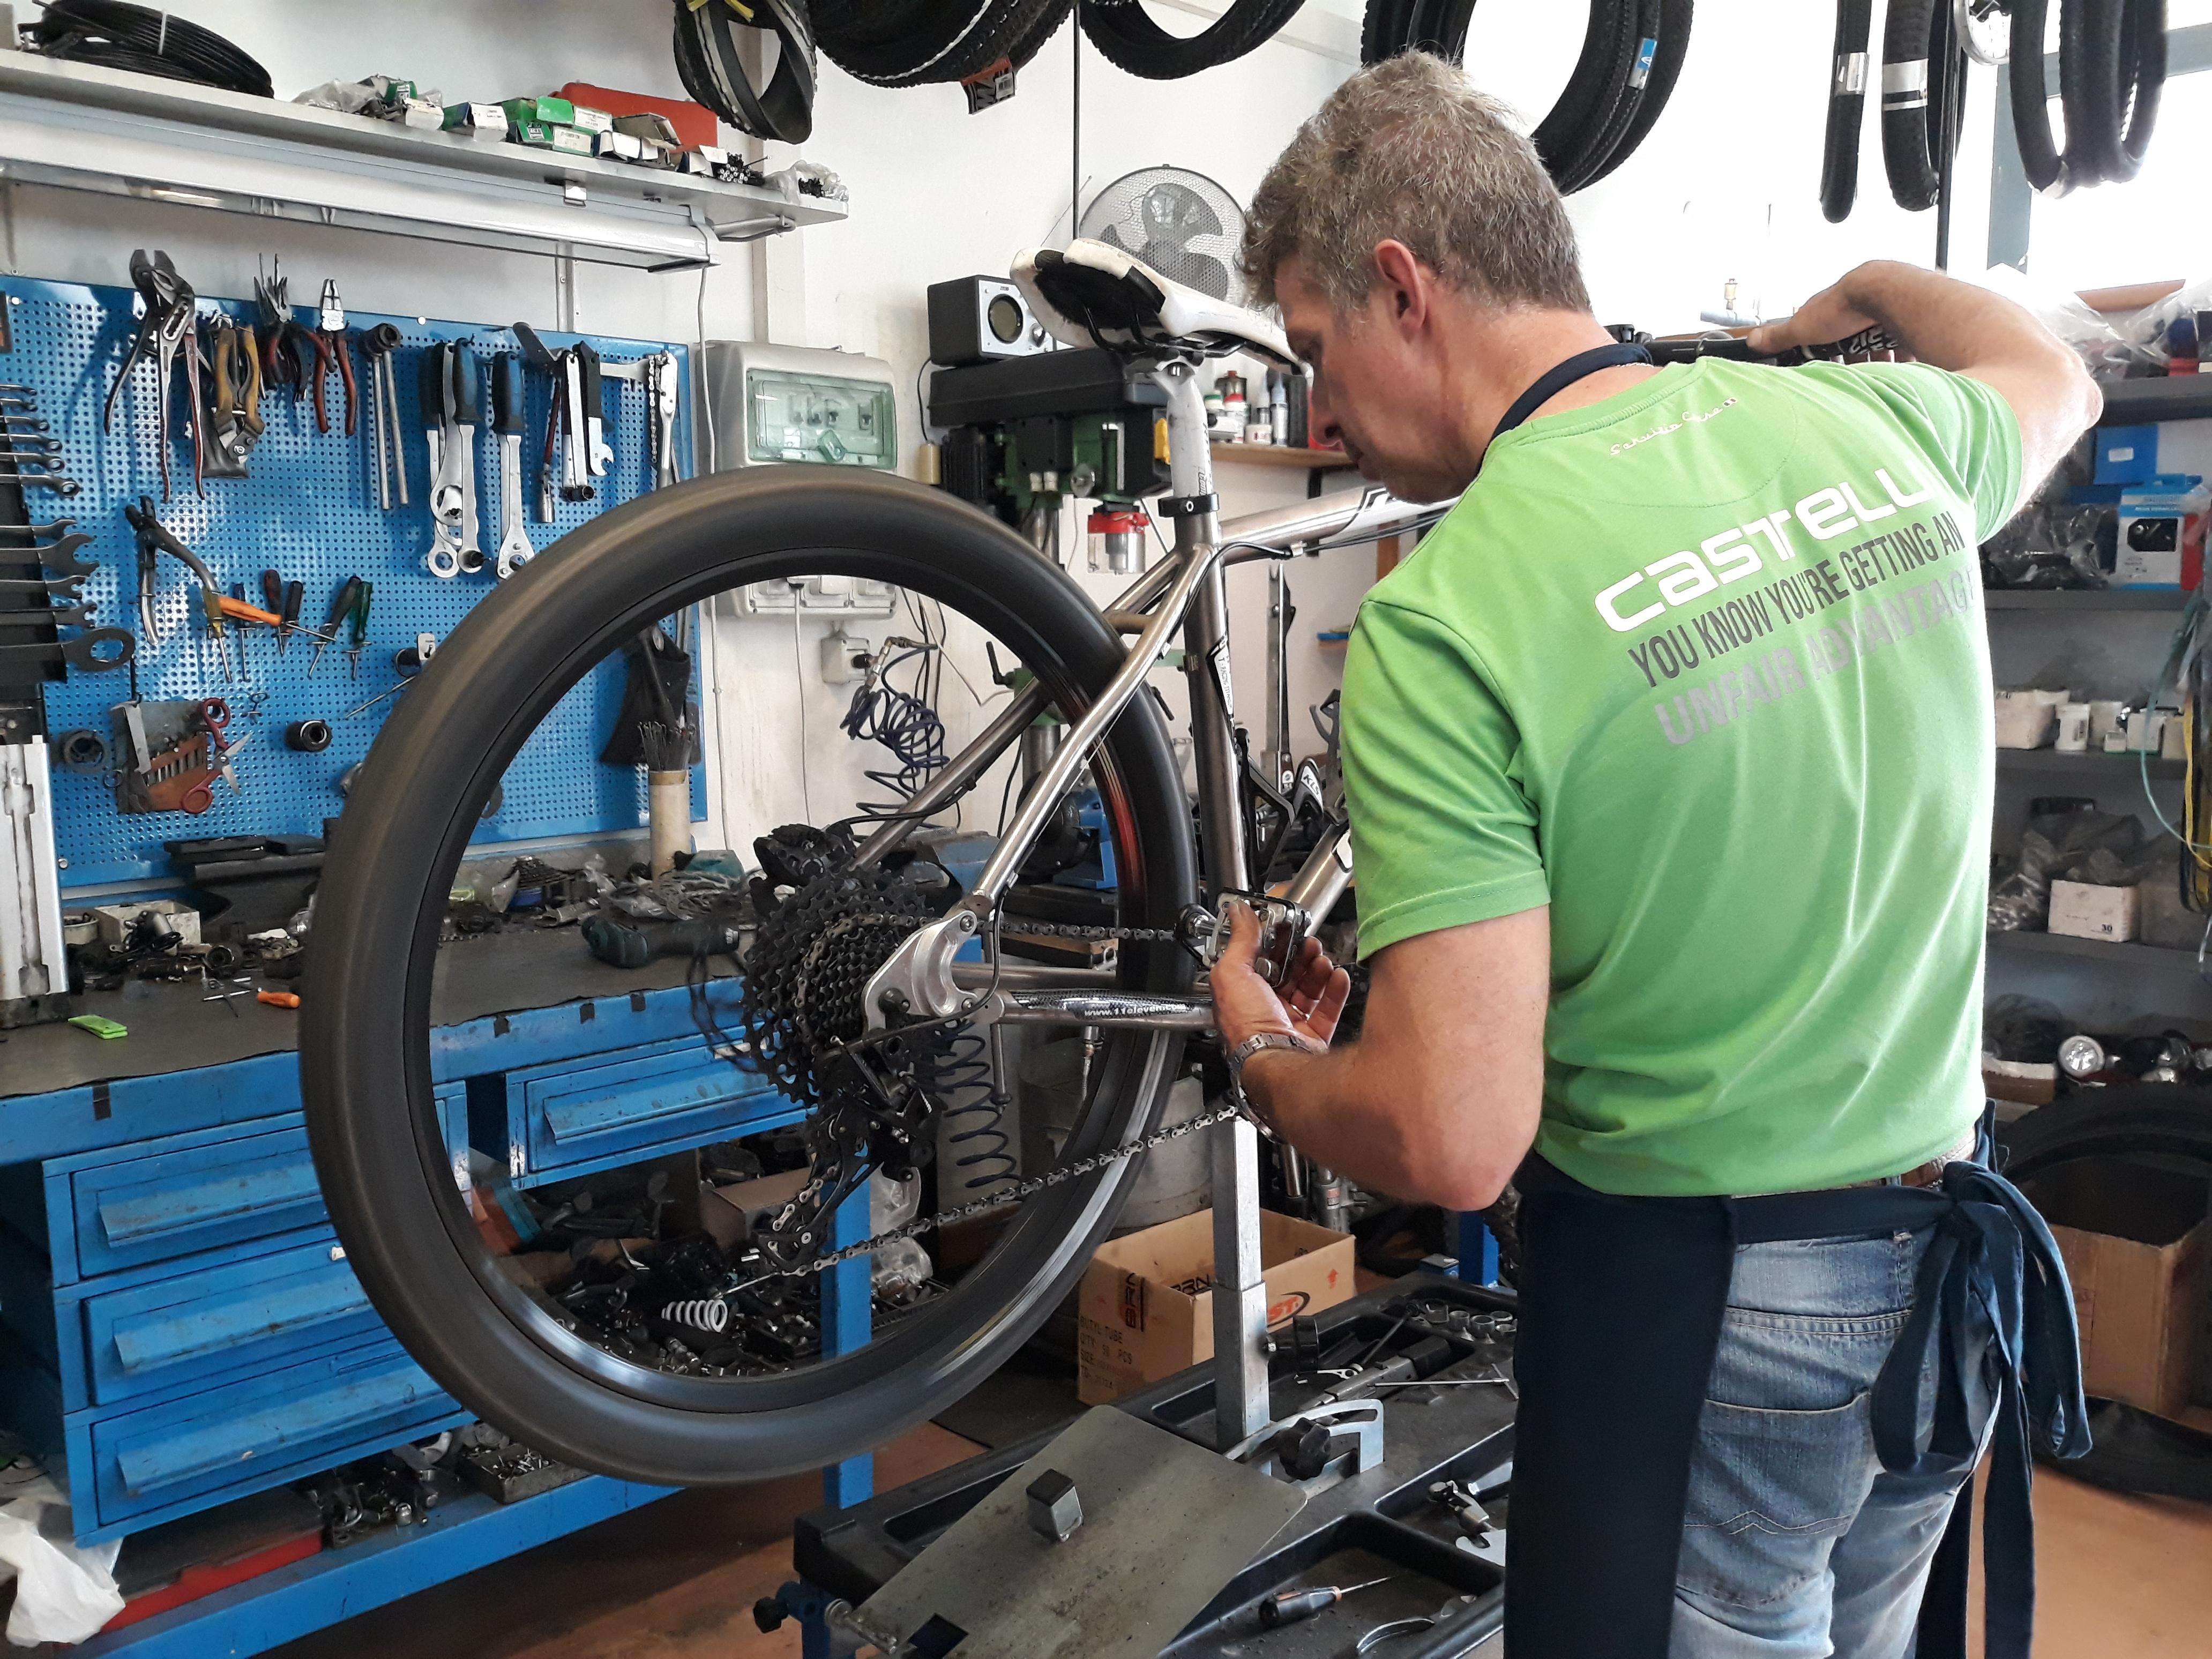 riparazione cicli, e-bike